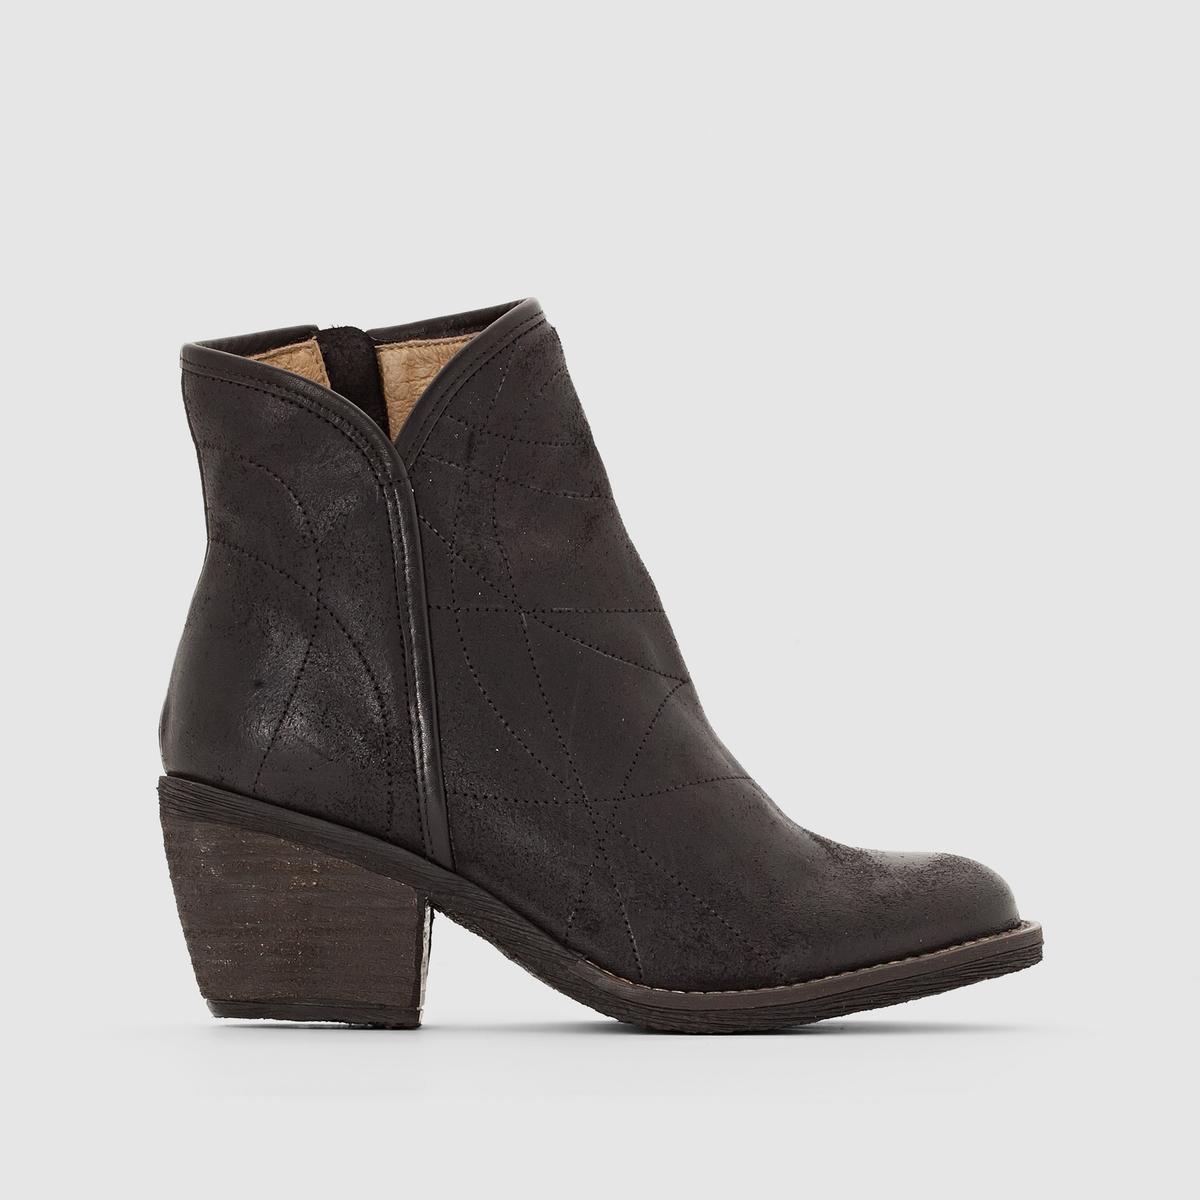 Ботильоны из кожи LakymПодкладка : Кожа   Стелька :  Кожа   Подошва : каучук.   Высота каблука : Средний (от 4 до 6 см)    Высота голенища  : 13,5 см   Застежка : На молнию<br><br>Цвет: черный<br>Размер: 37